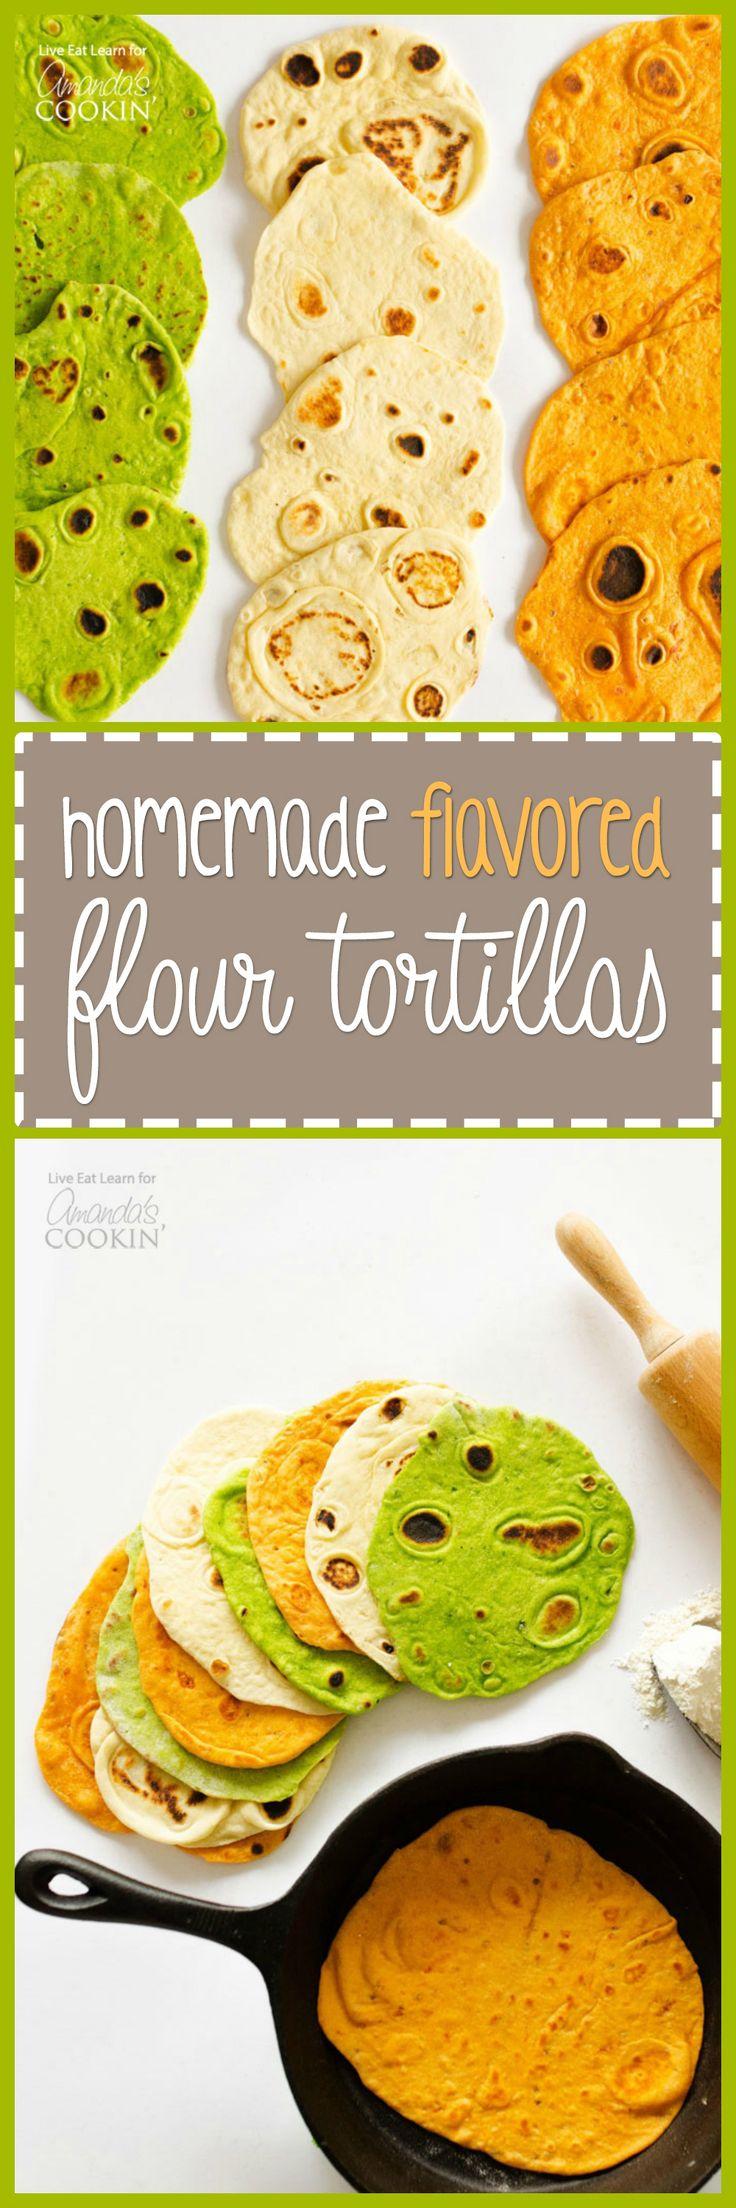 Homemade Flavored Flour Tortillas